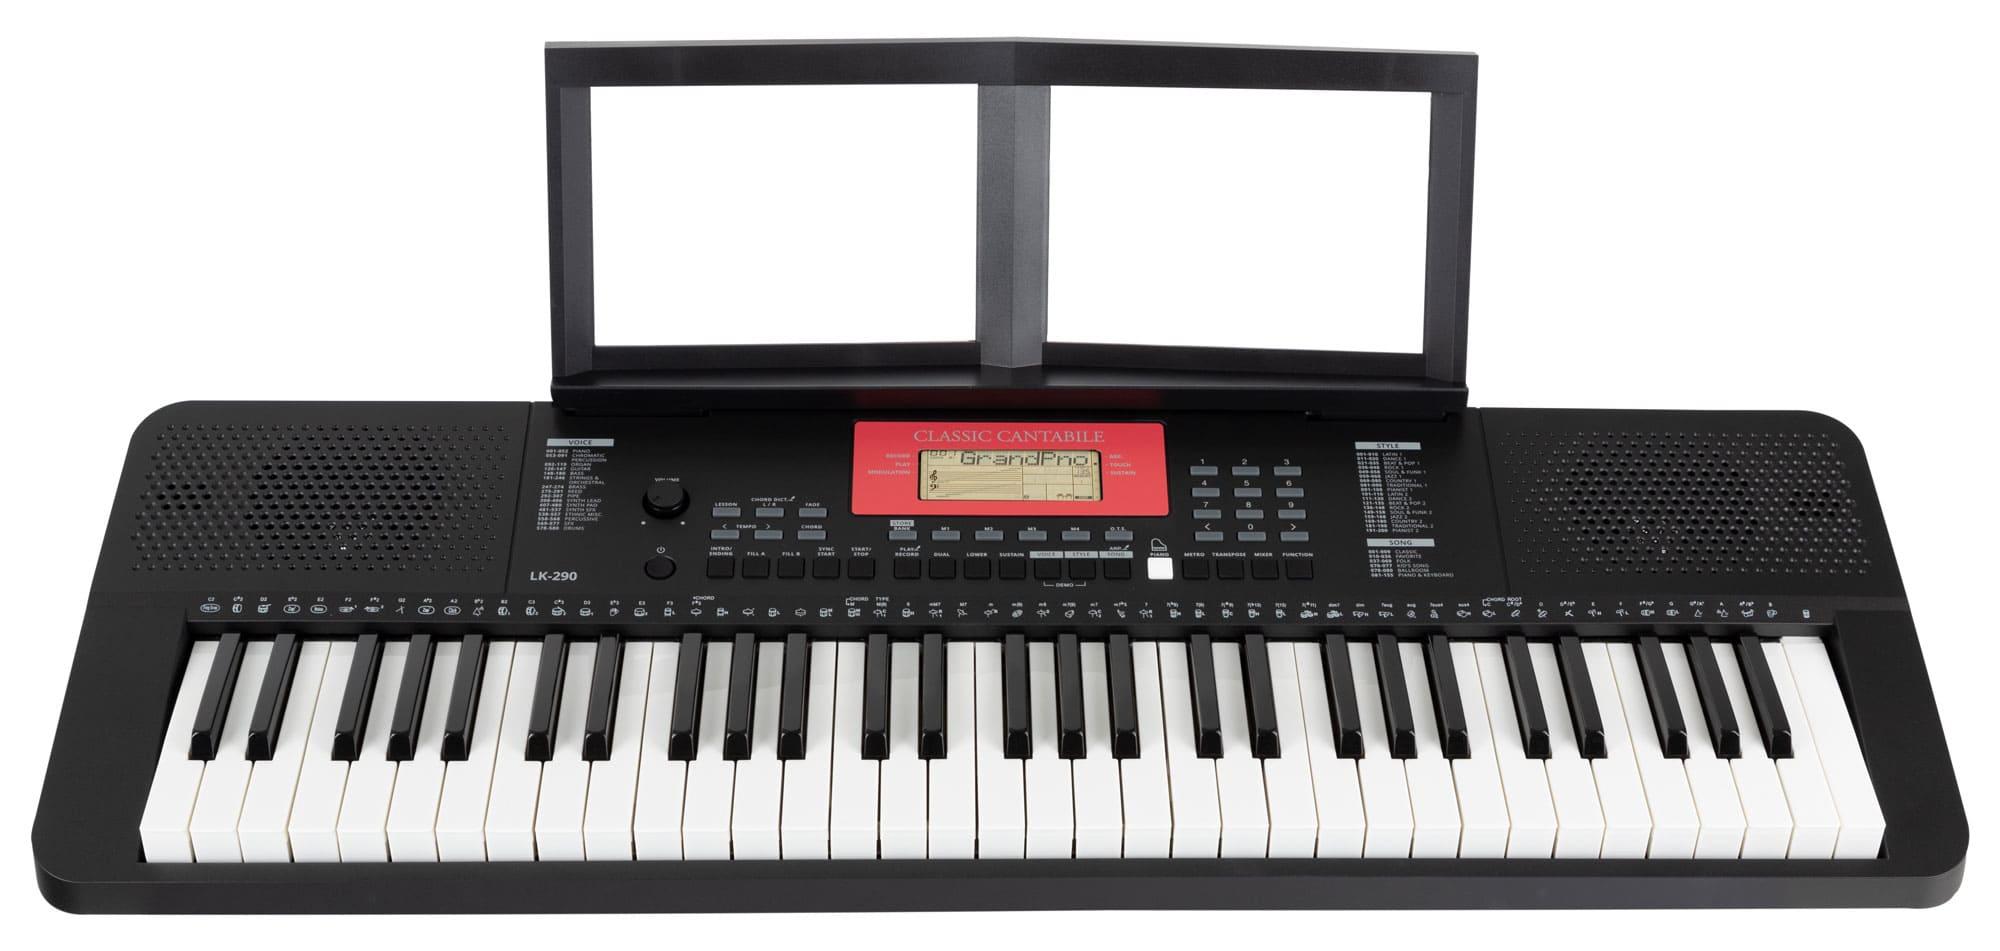 Homekeyboards - Classic Cantabile LK 290 Leuchttasten Keyboard - Onlineshop Musikhaus Kirstein